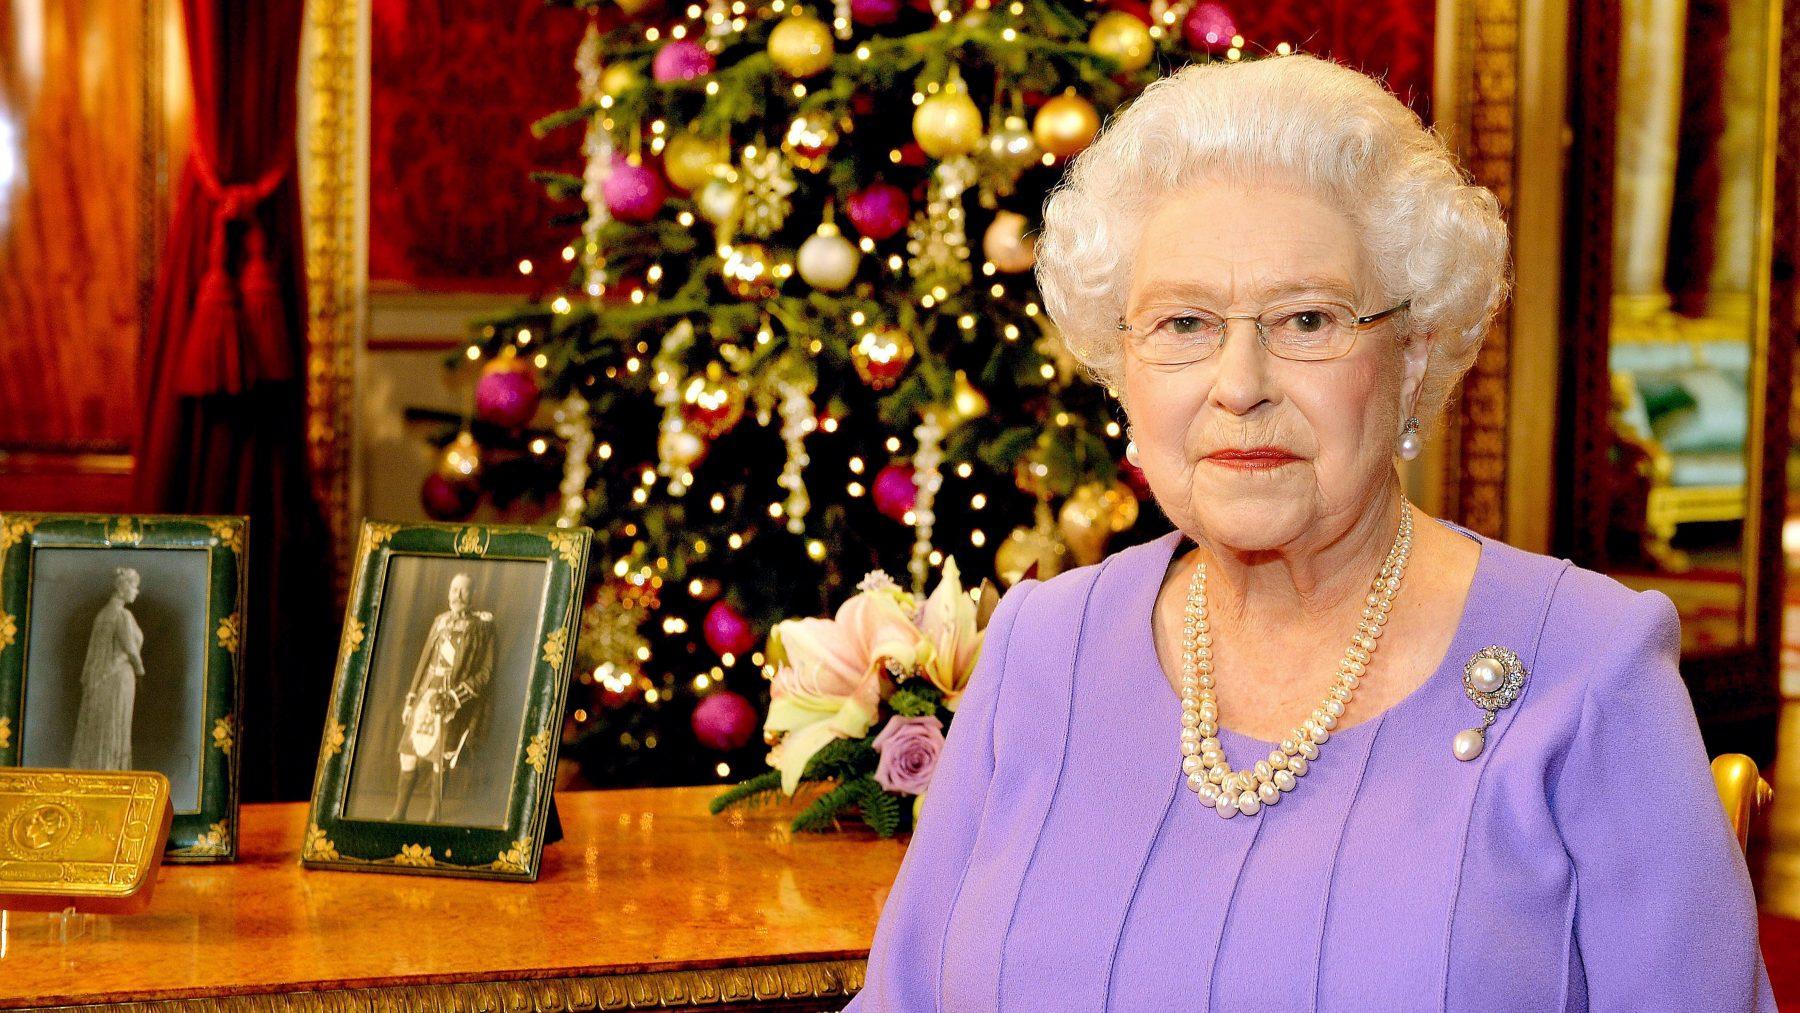 Cateringmedewerker bekend spullen stelen uit Buckingham Palacee